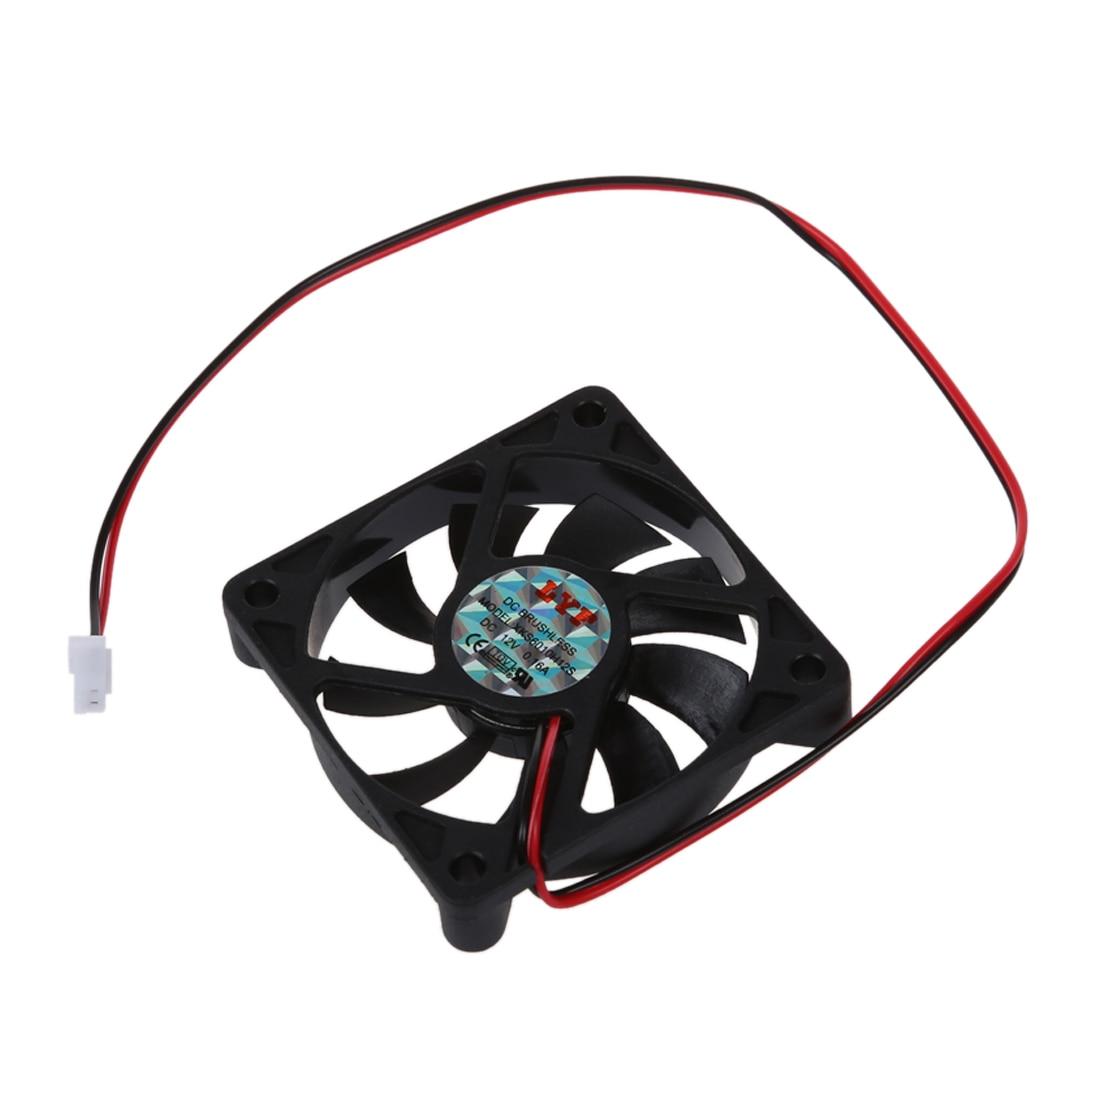 Desktop PC Case DC 12V 0.16A 60mm 2 Pin Cooler Cooling Fan